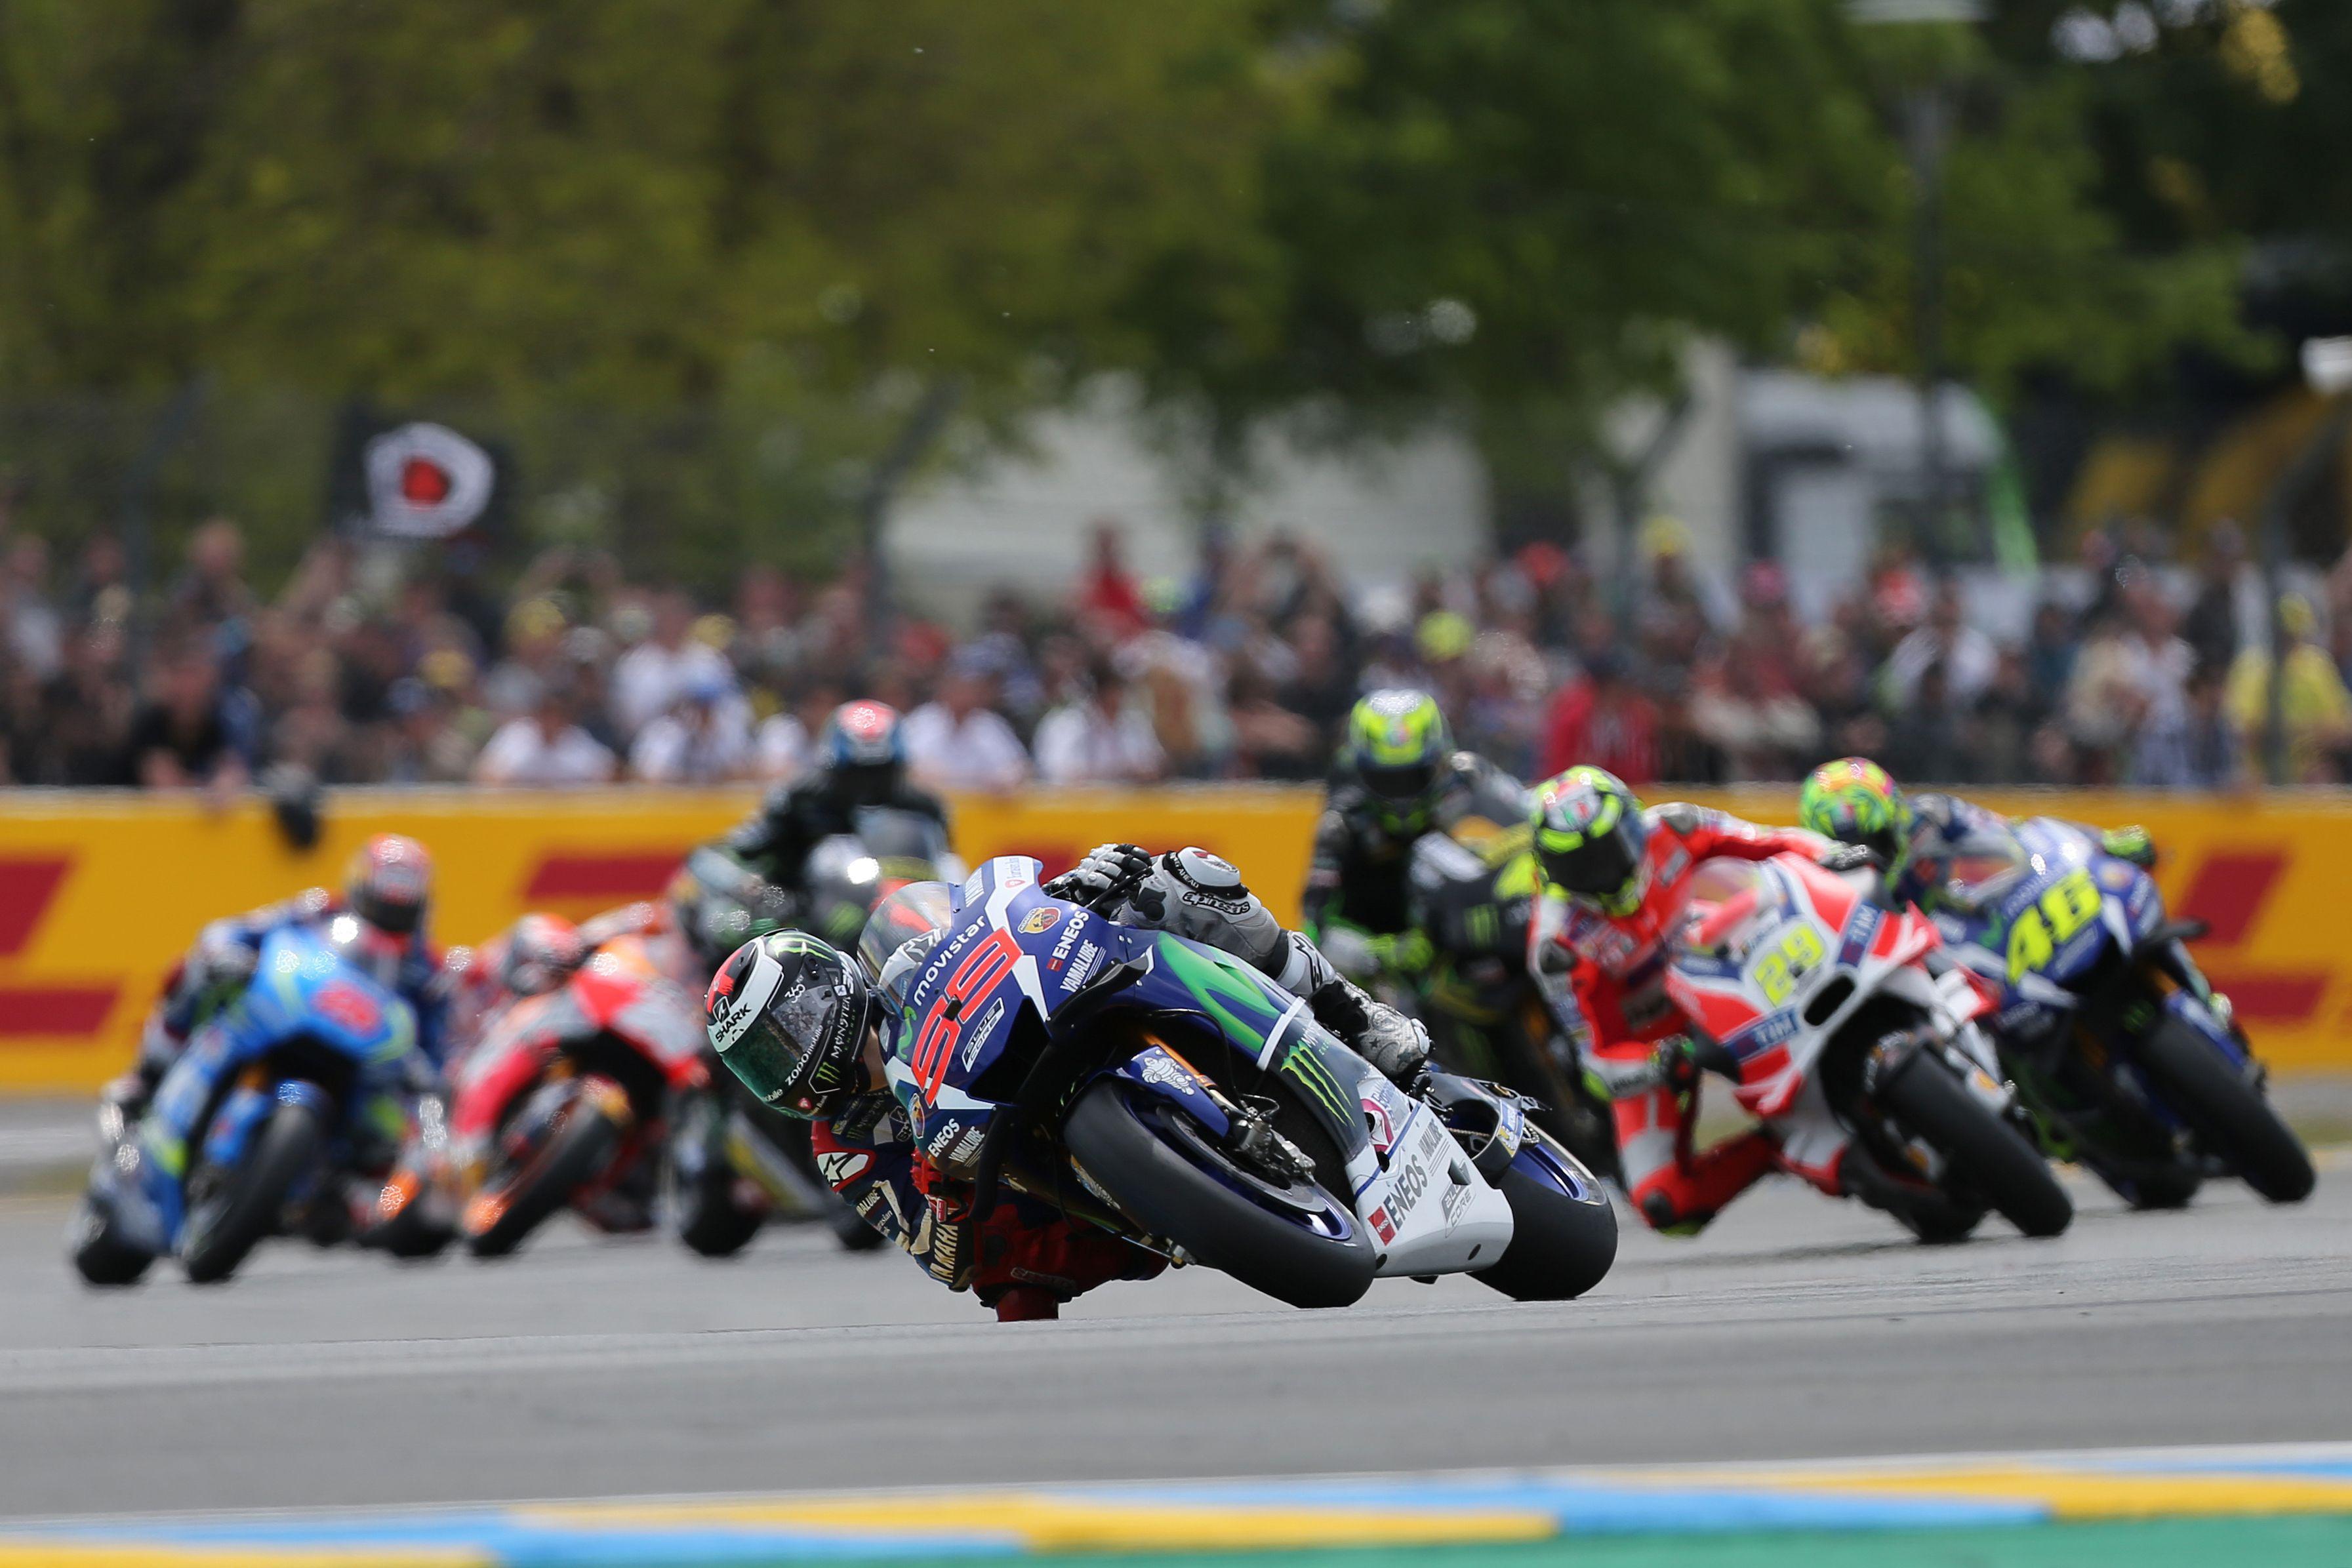 Motomondiale, Gp Gran Bretagna: Crutchlow in pole davanti a Rossi e Vinales